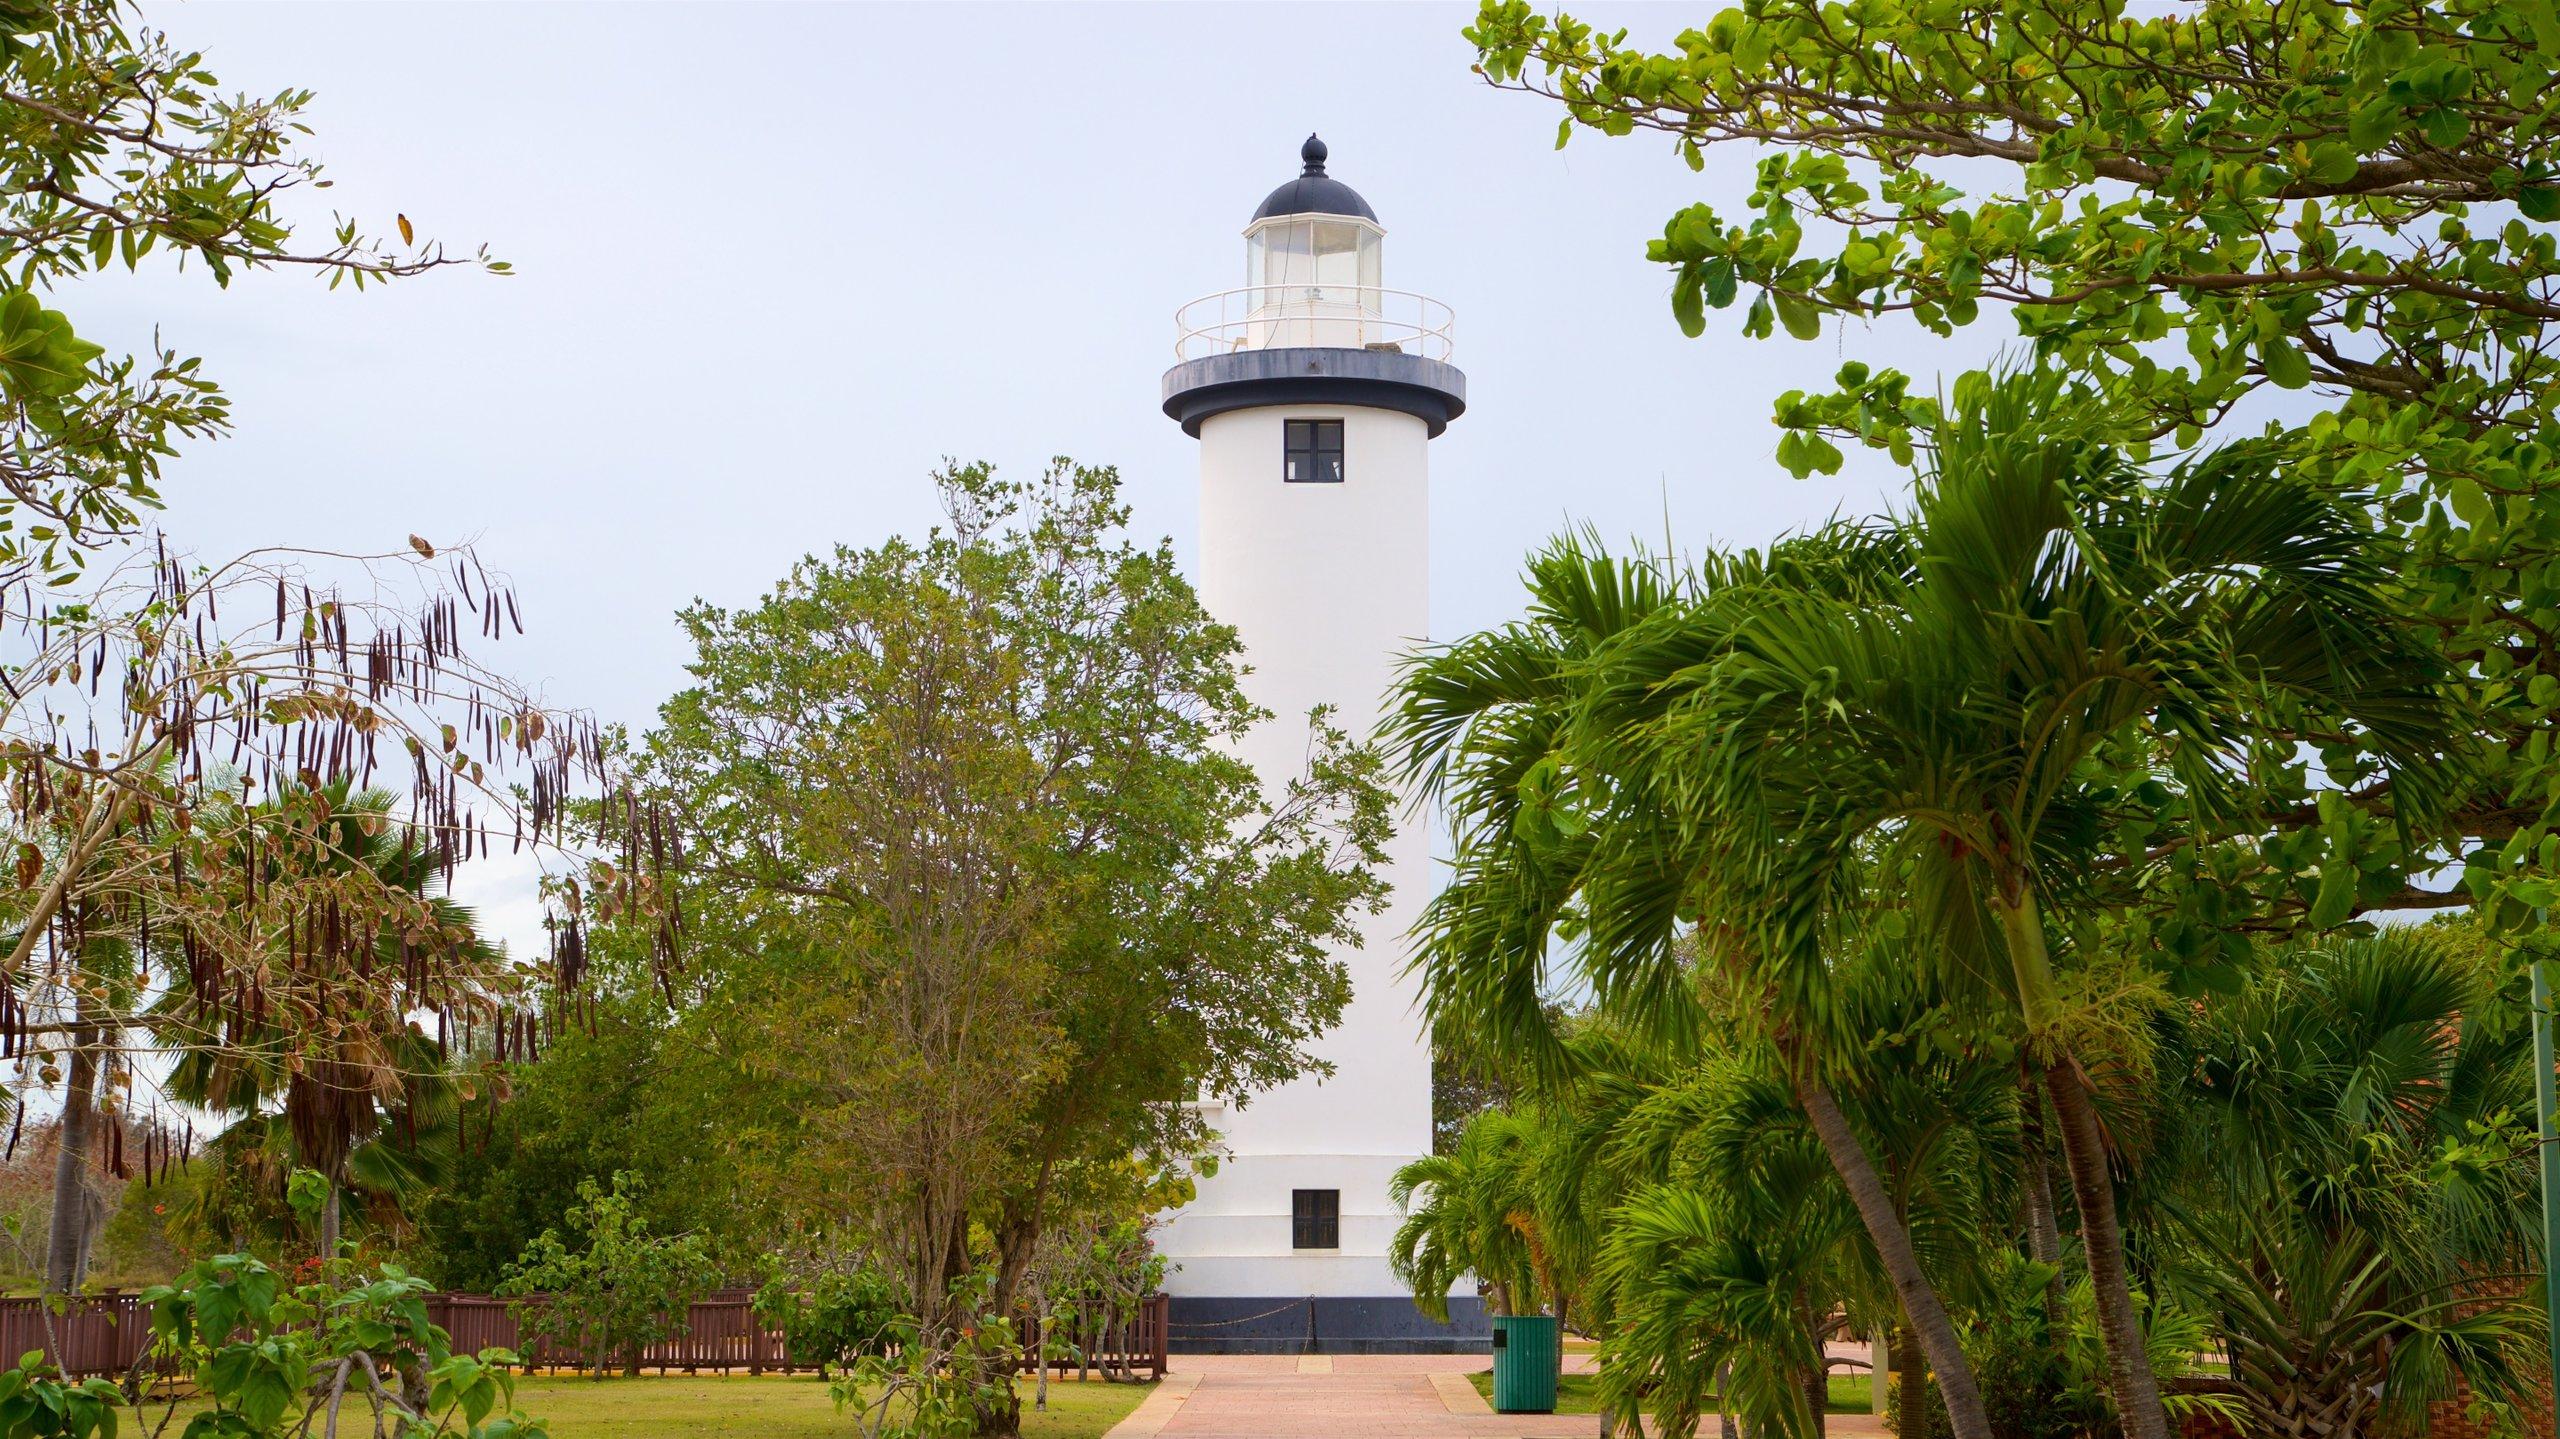 Puntas, Rincon, Puerto Rico